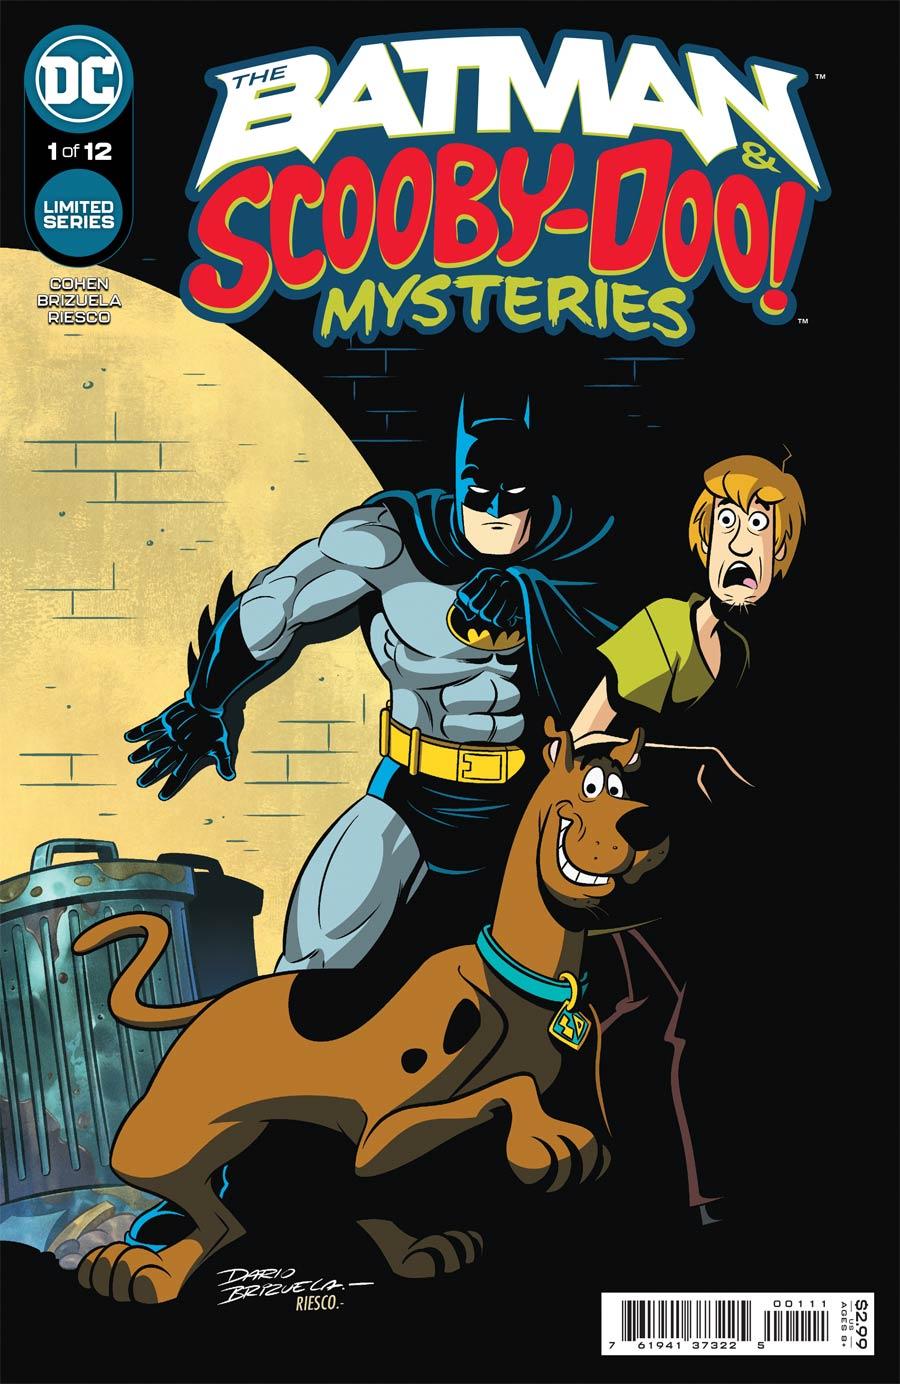 Batman & Scooby-Doo Mysteries #1